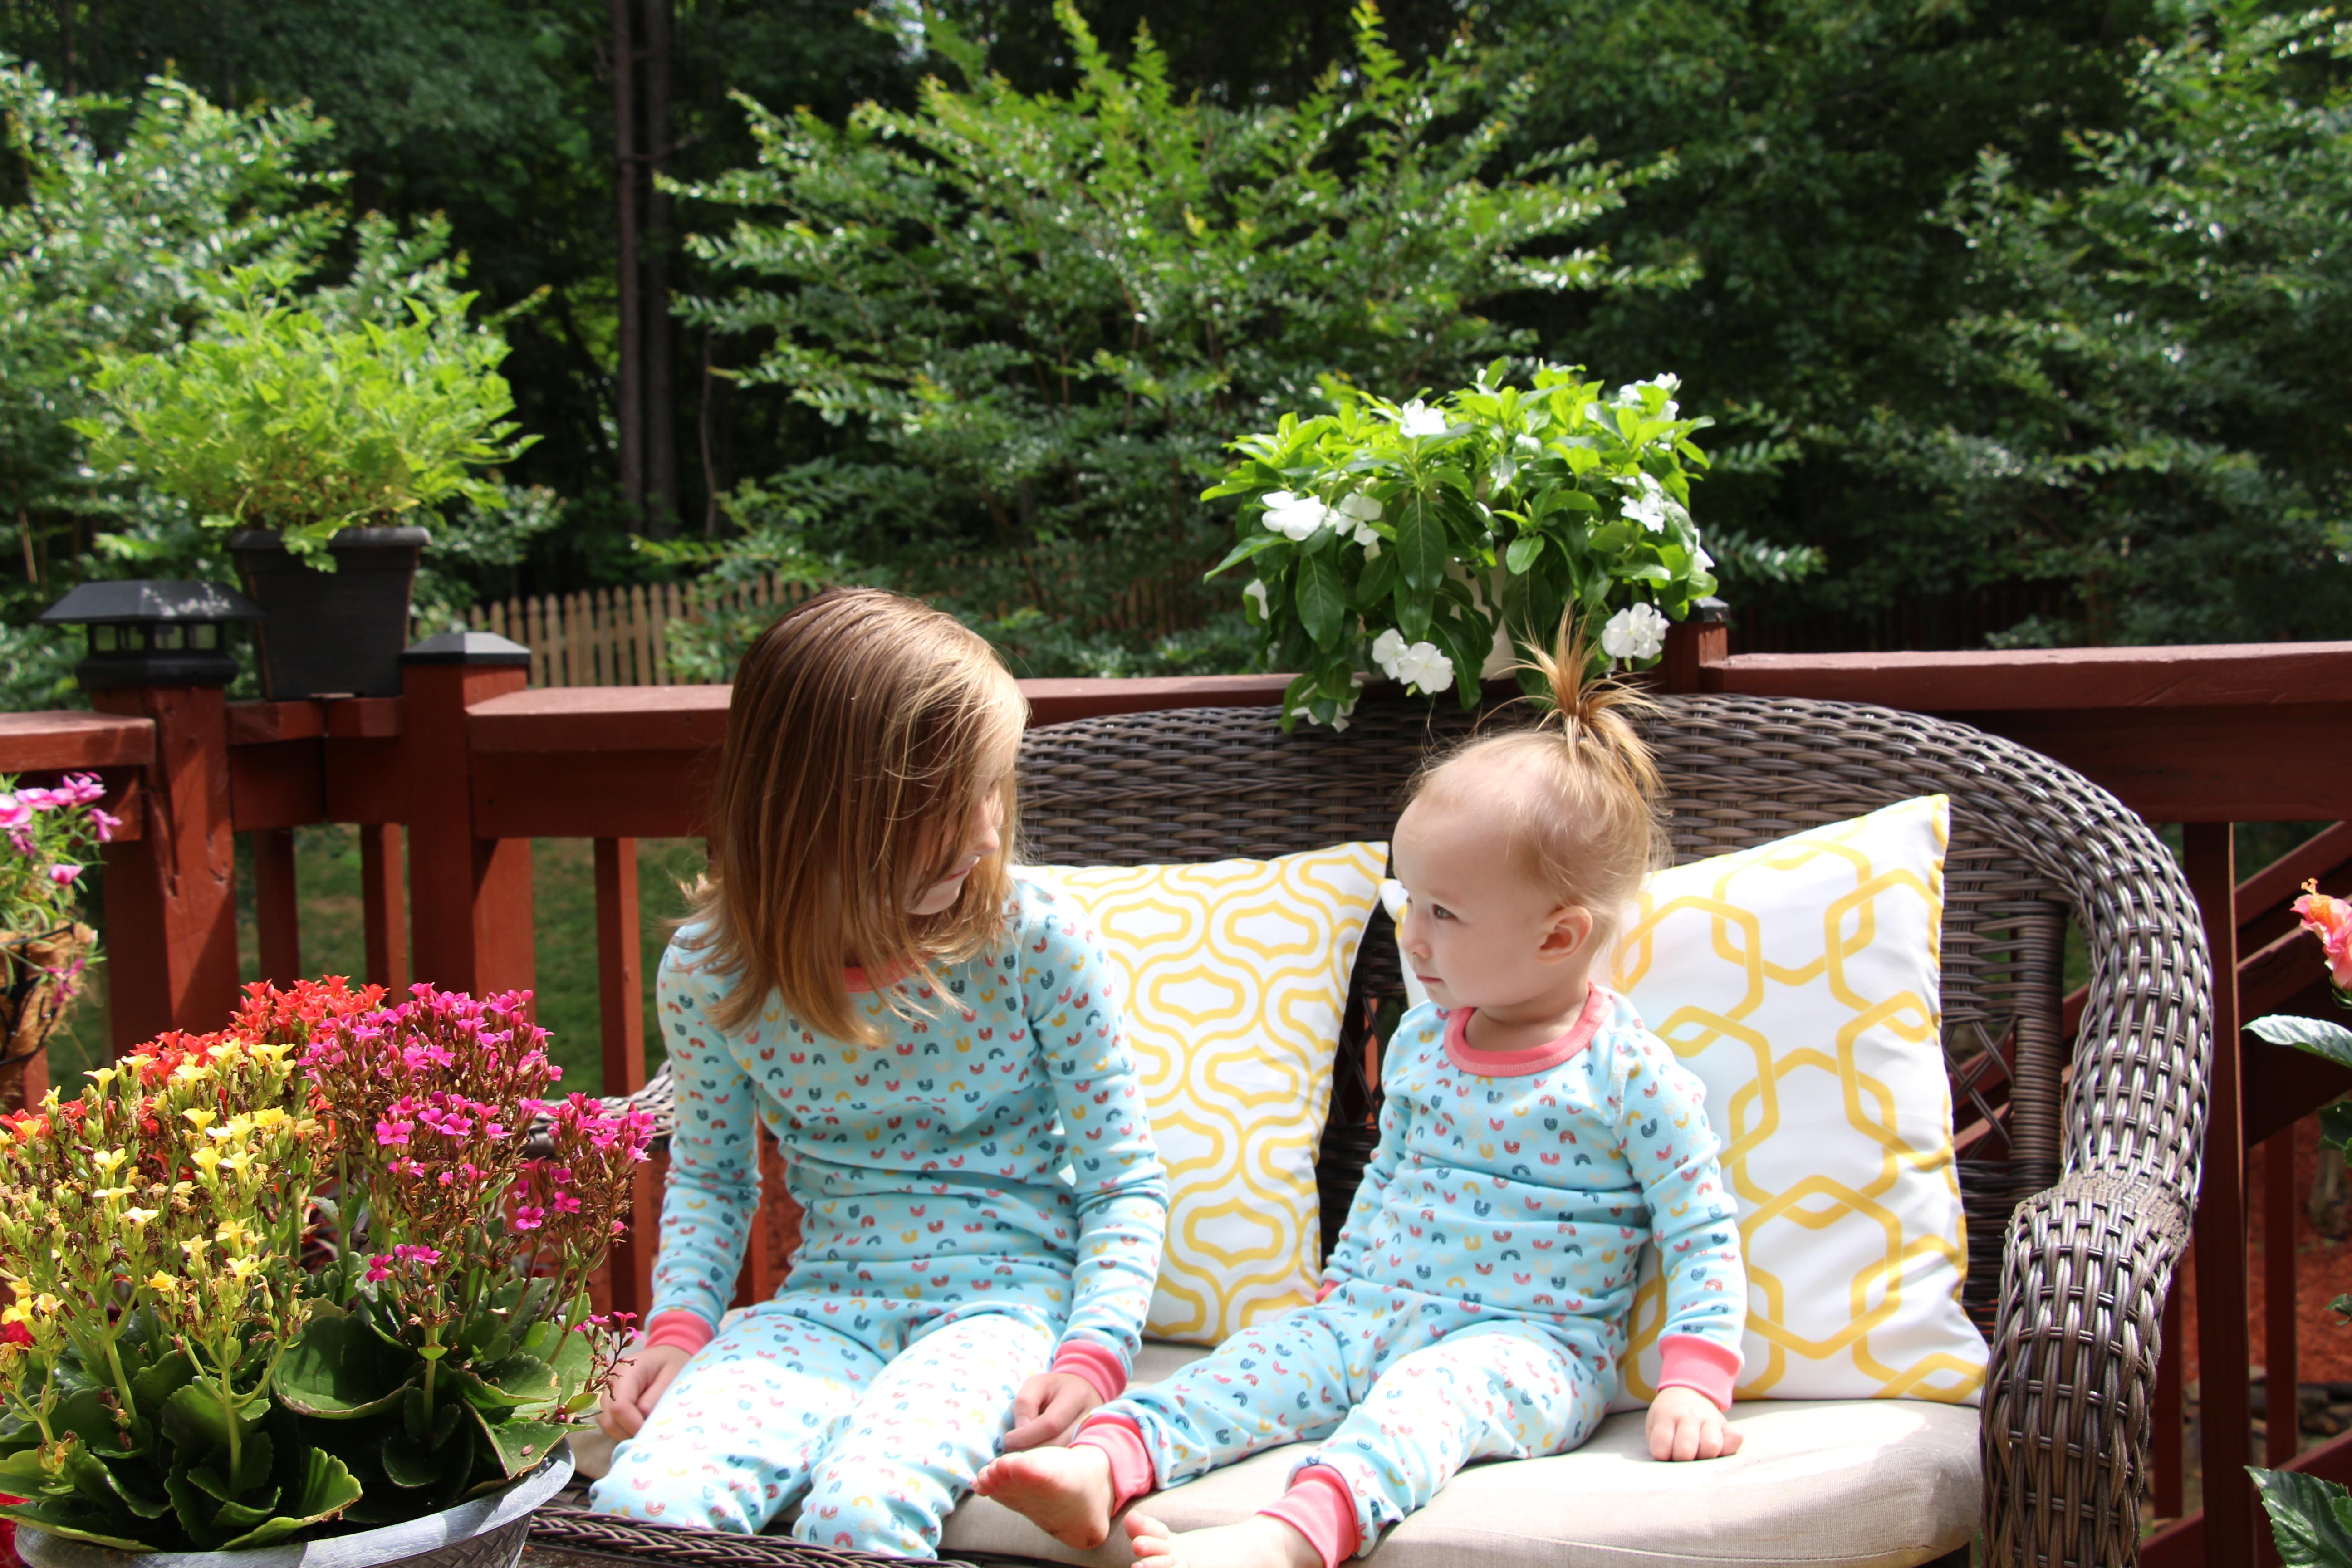 The Coziest Pajamas For Kids!